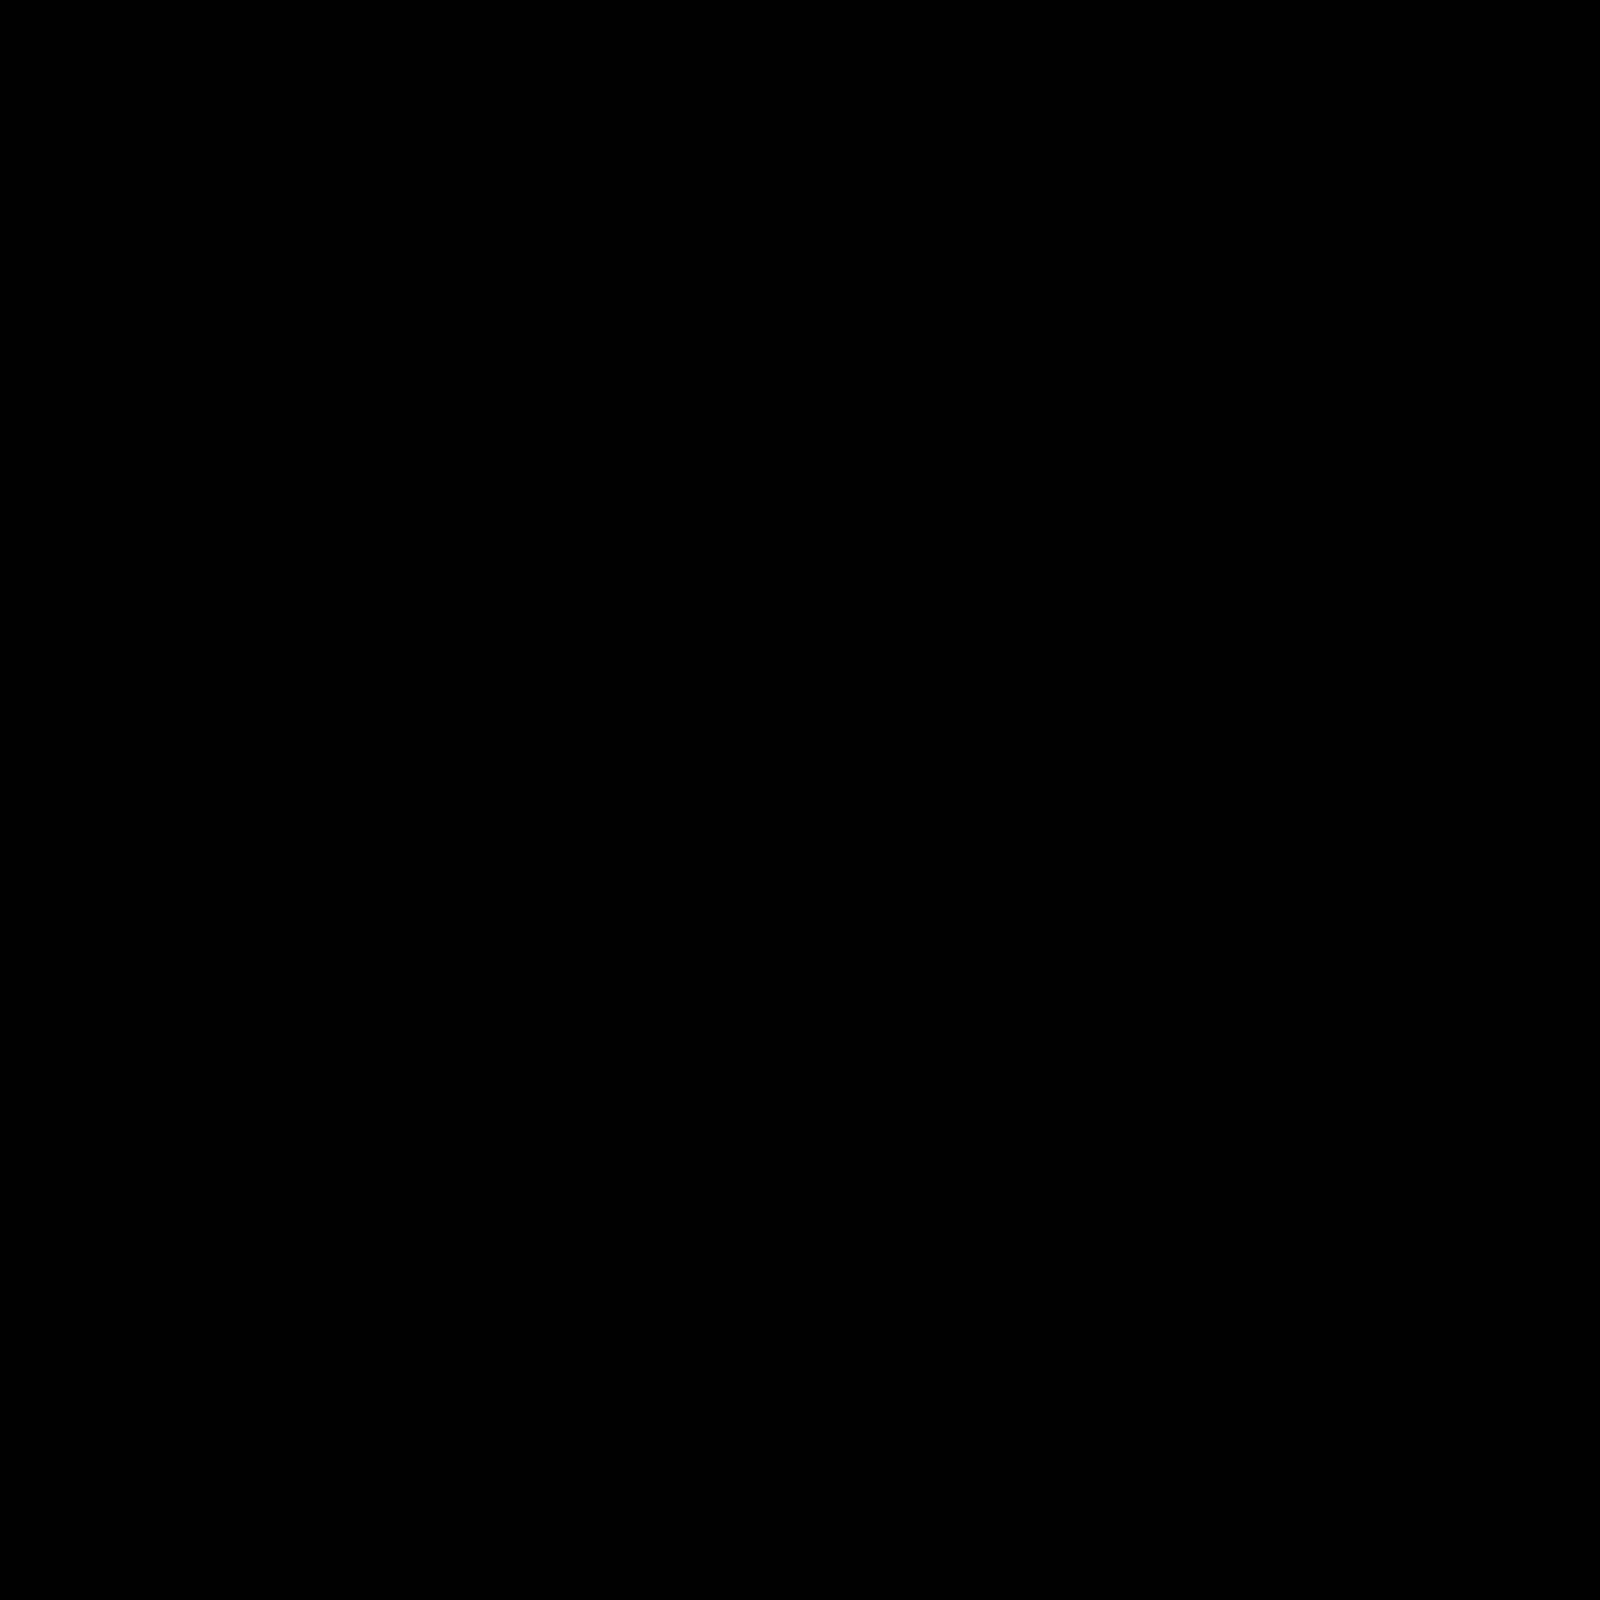 Partage d'idée icon